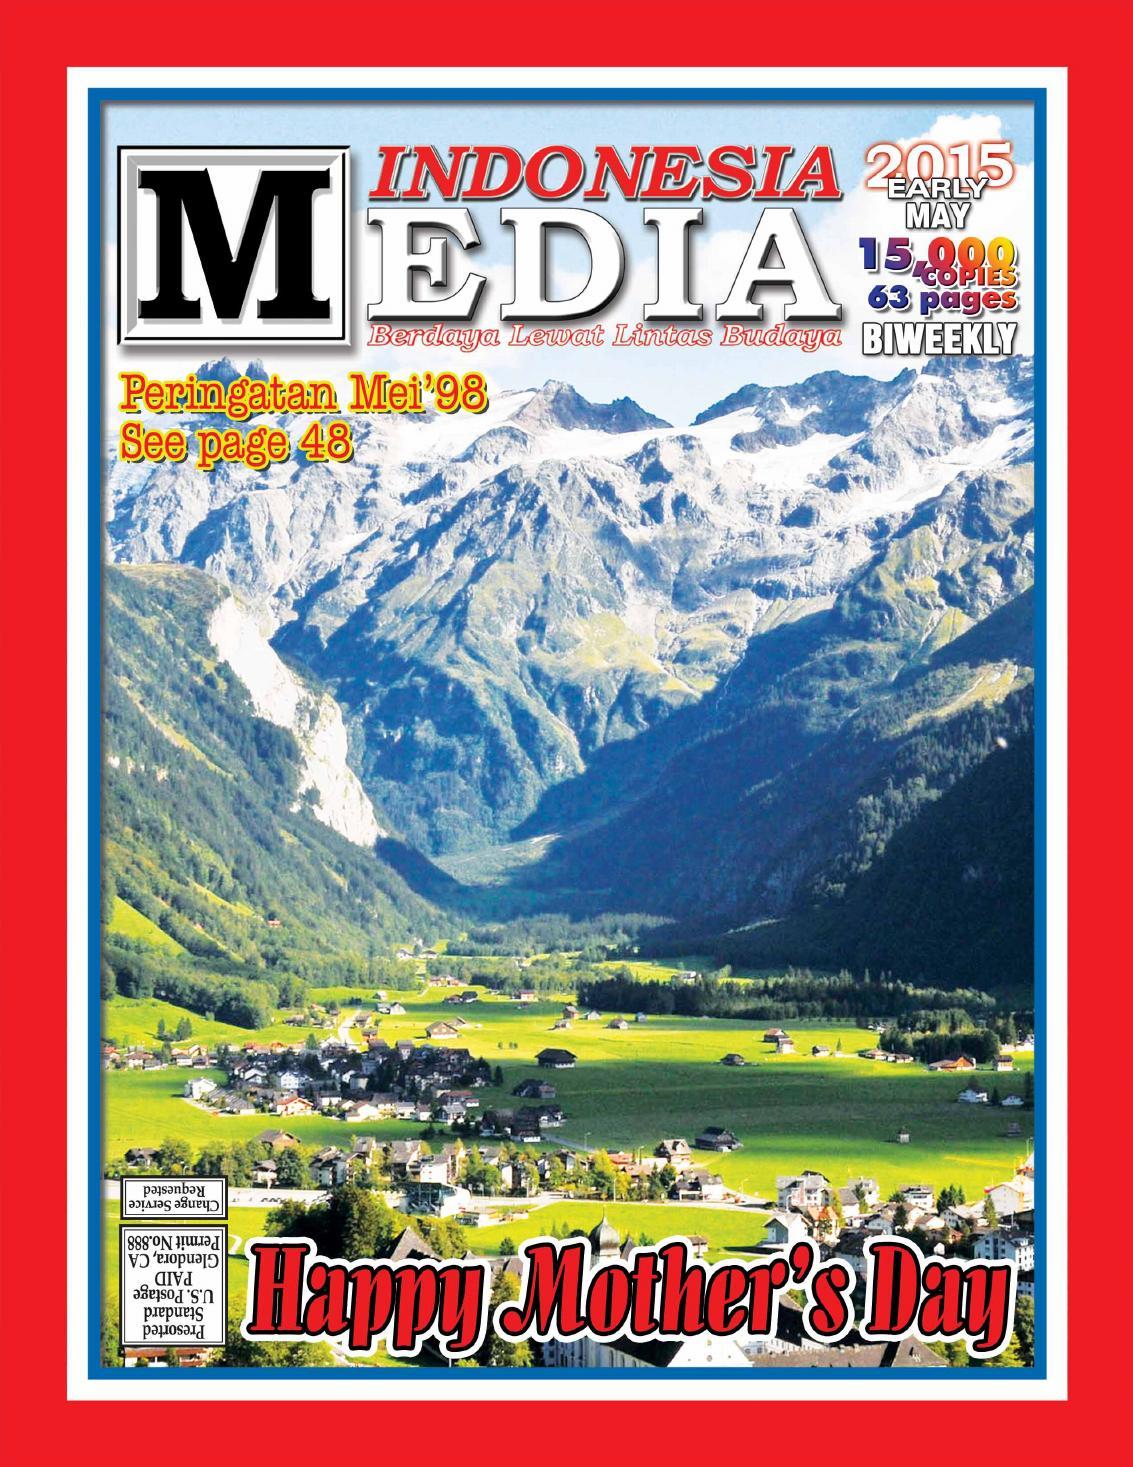 Indonesia Media Issue May 2015 By Issuu Produk Ukm Bumn Barbekyu Kelitik Surabaya